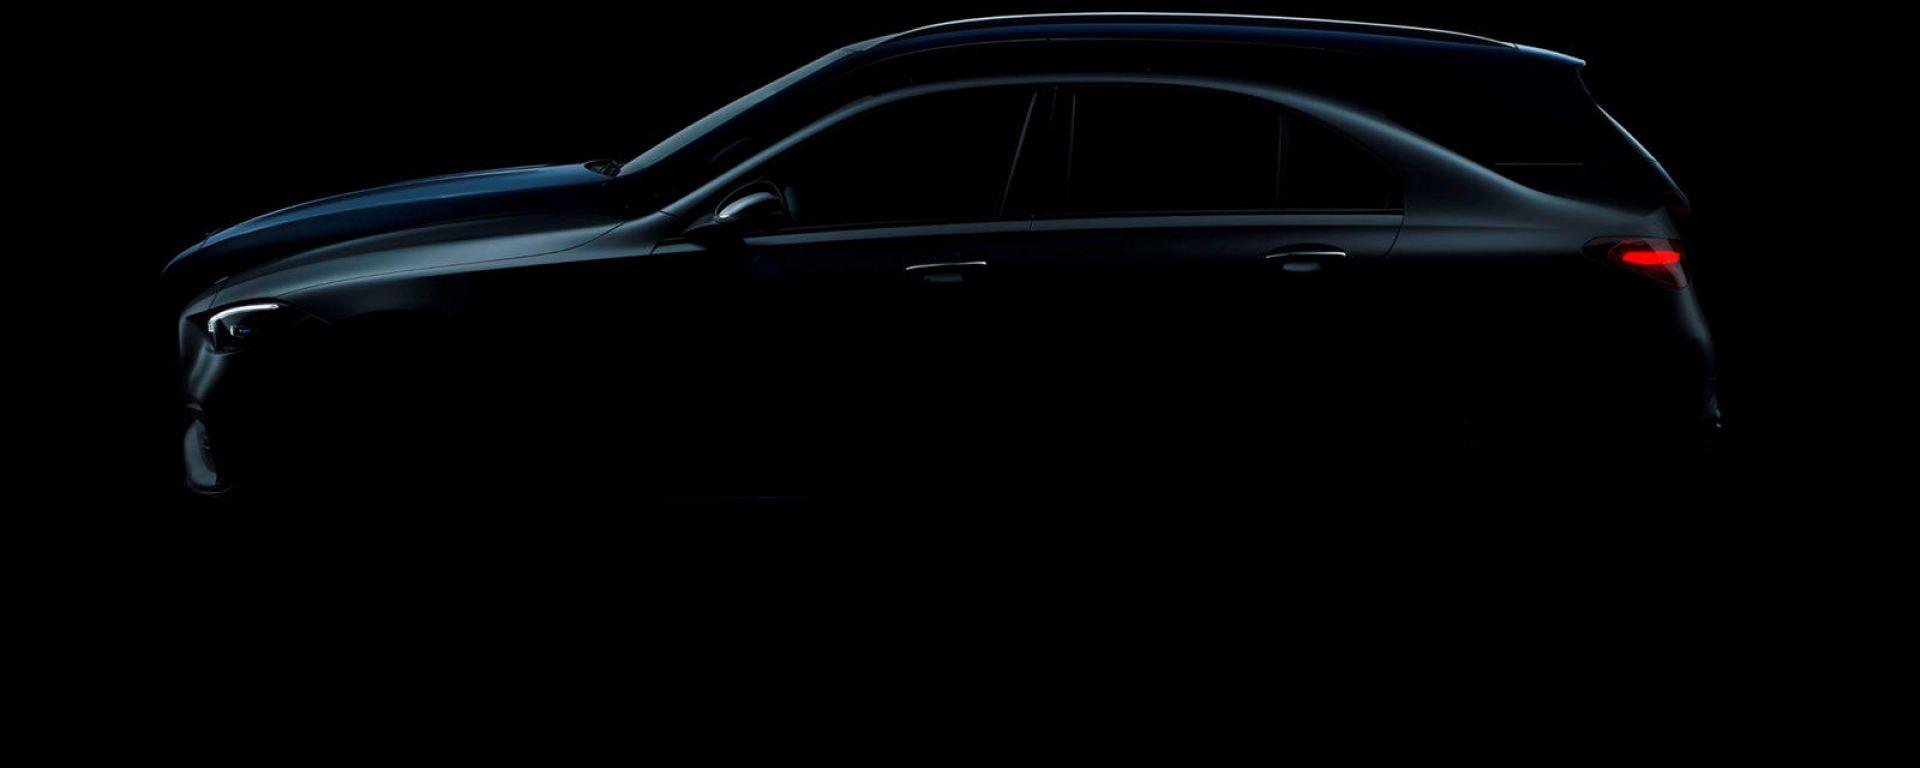 Nuova Mercedes Classe C berlina e wagon, ultimi teaser prima del reveal